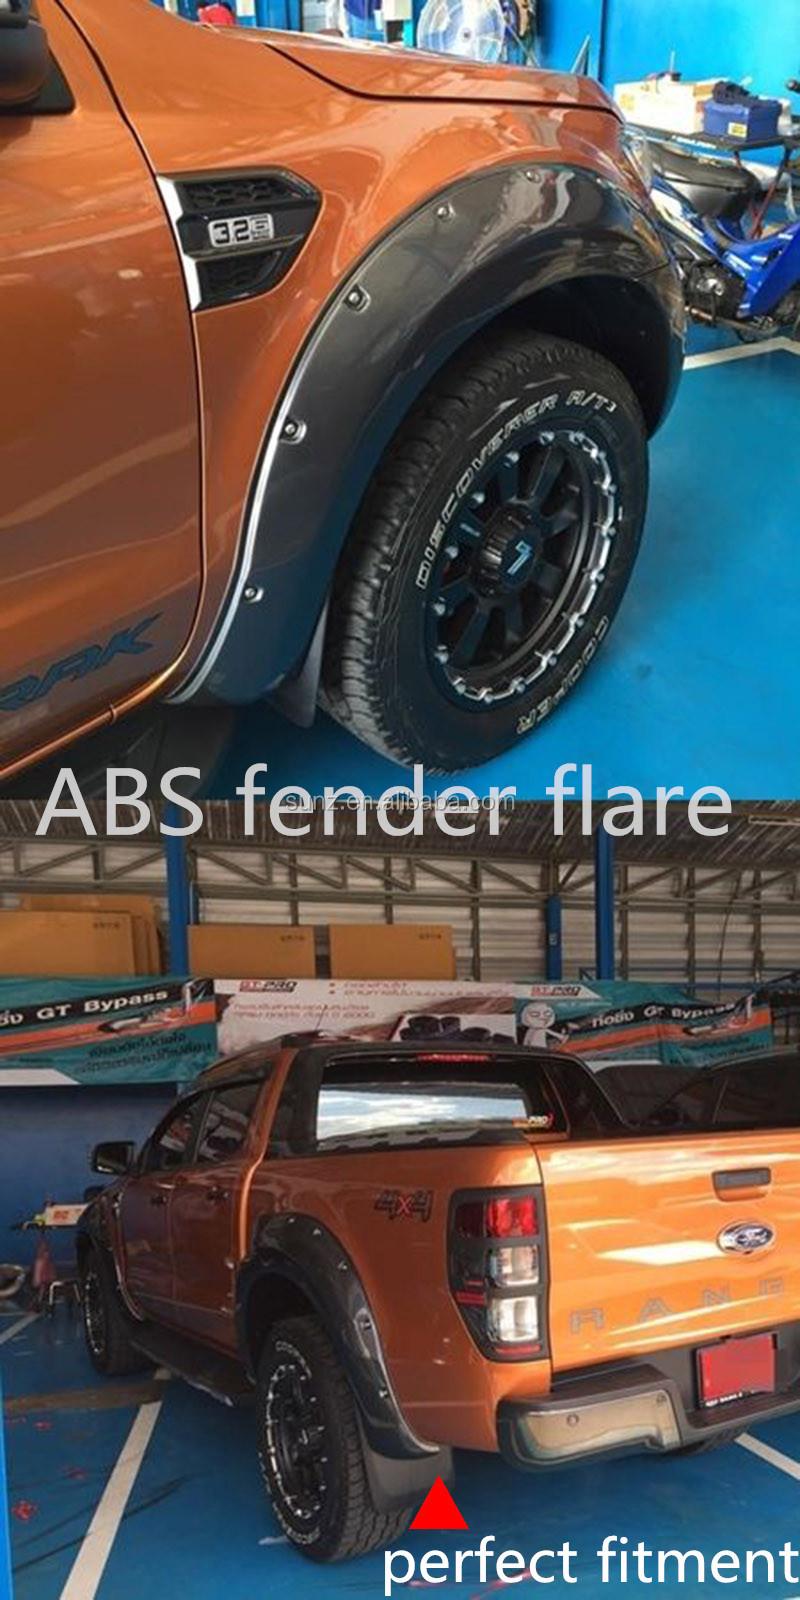 abs plastique hilux largisseurs d 39 ailes pour ranger 2015 voiture passage de roue fender flare. Black Bedroom Furniture Sets. Home Design Ideas